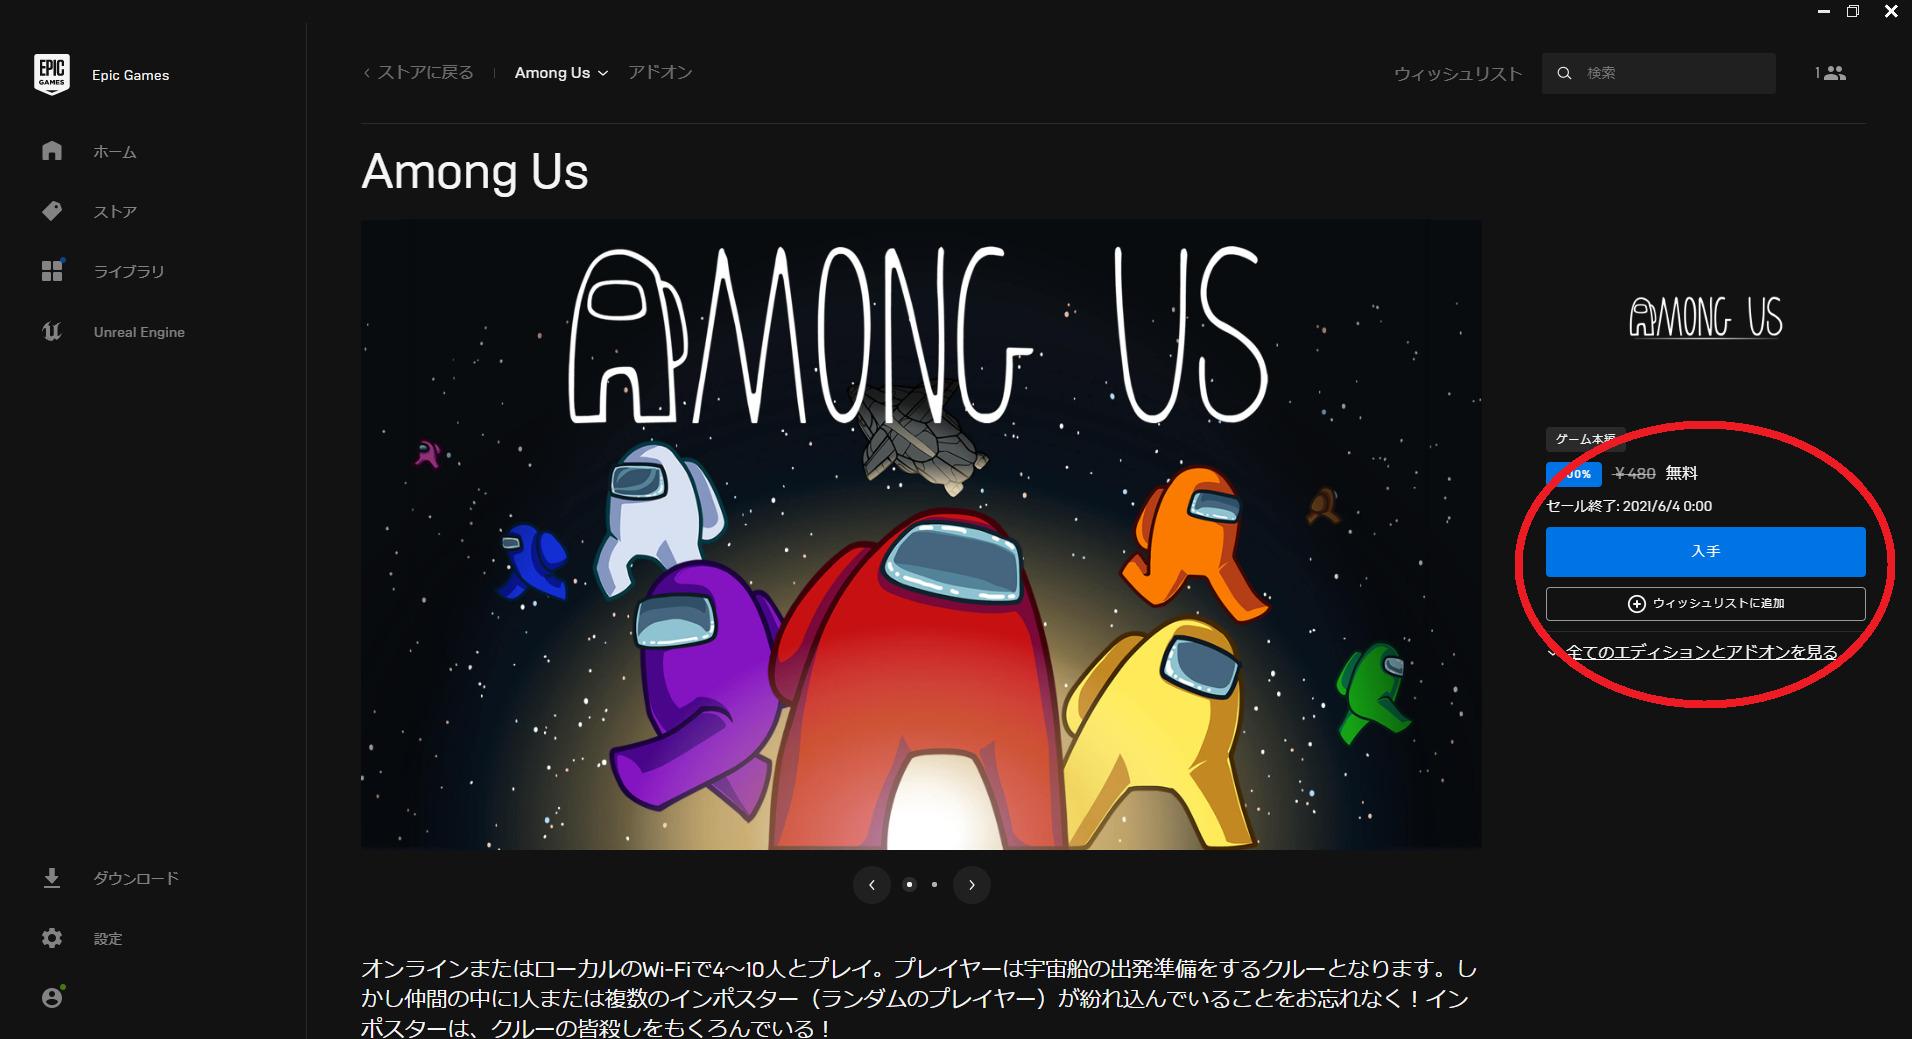 【アモングアス】PC版が無料配信中!Among Usを無料で入手する方法【Among Us】